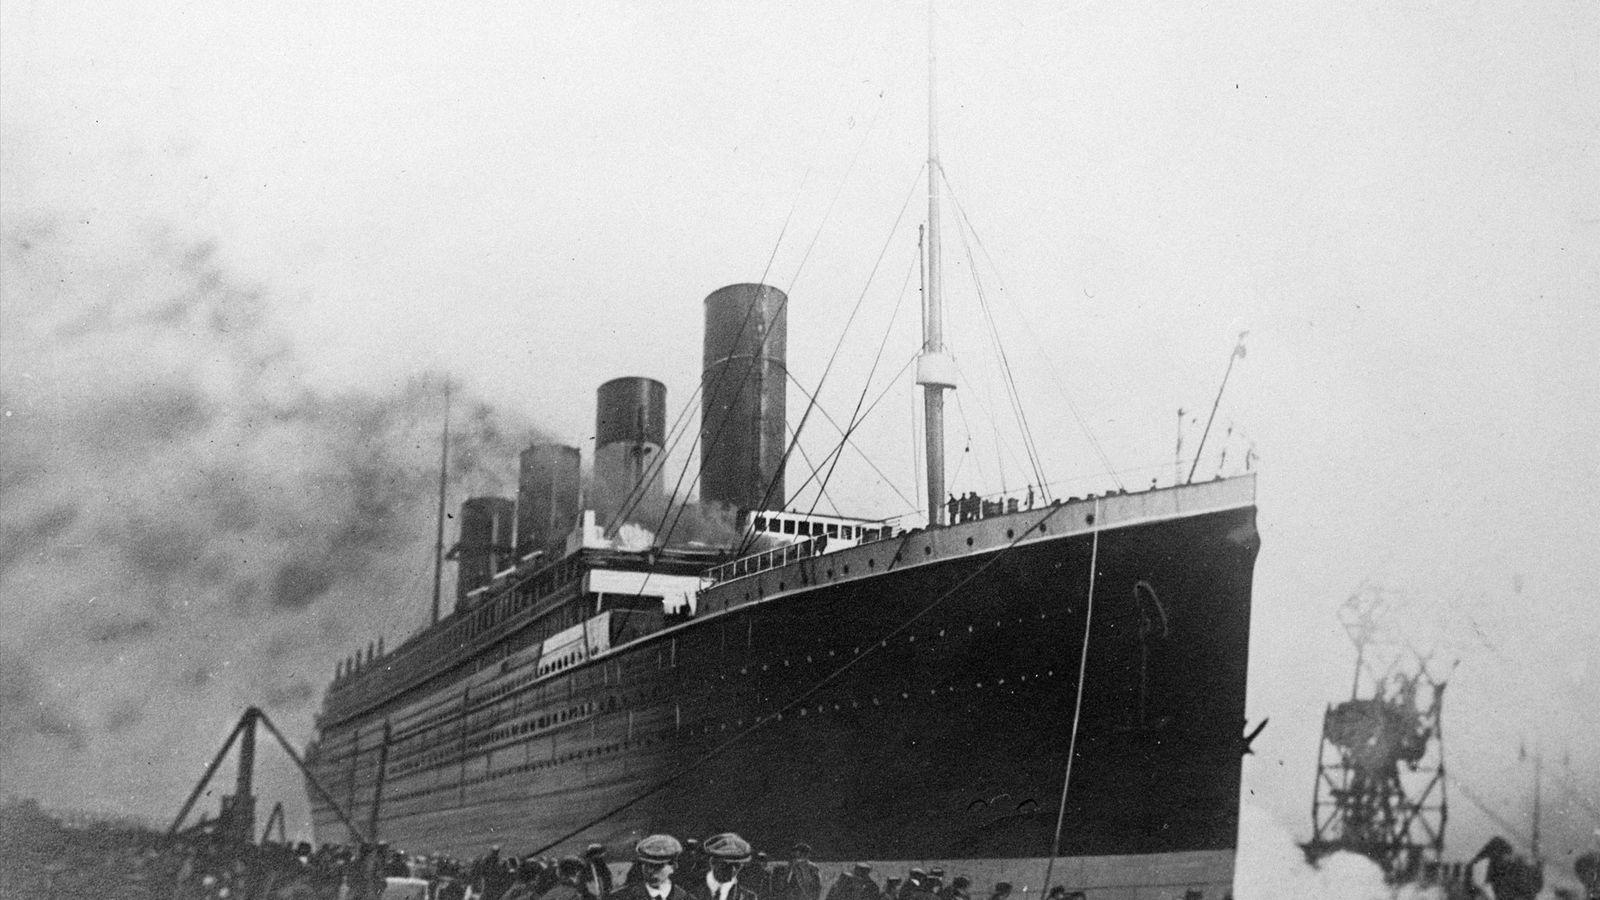 Le Titanic était équipé d'une technologie sans fil permettant aux passagers d'envoyer des messages pendant la ...